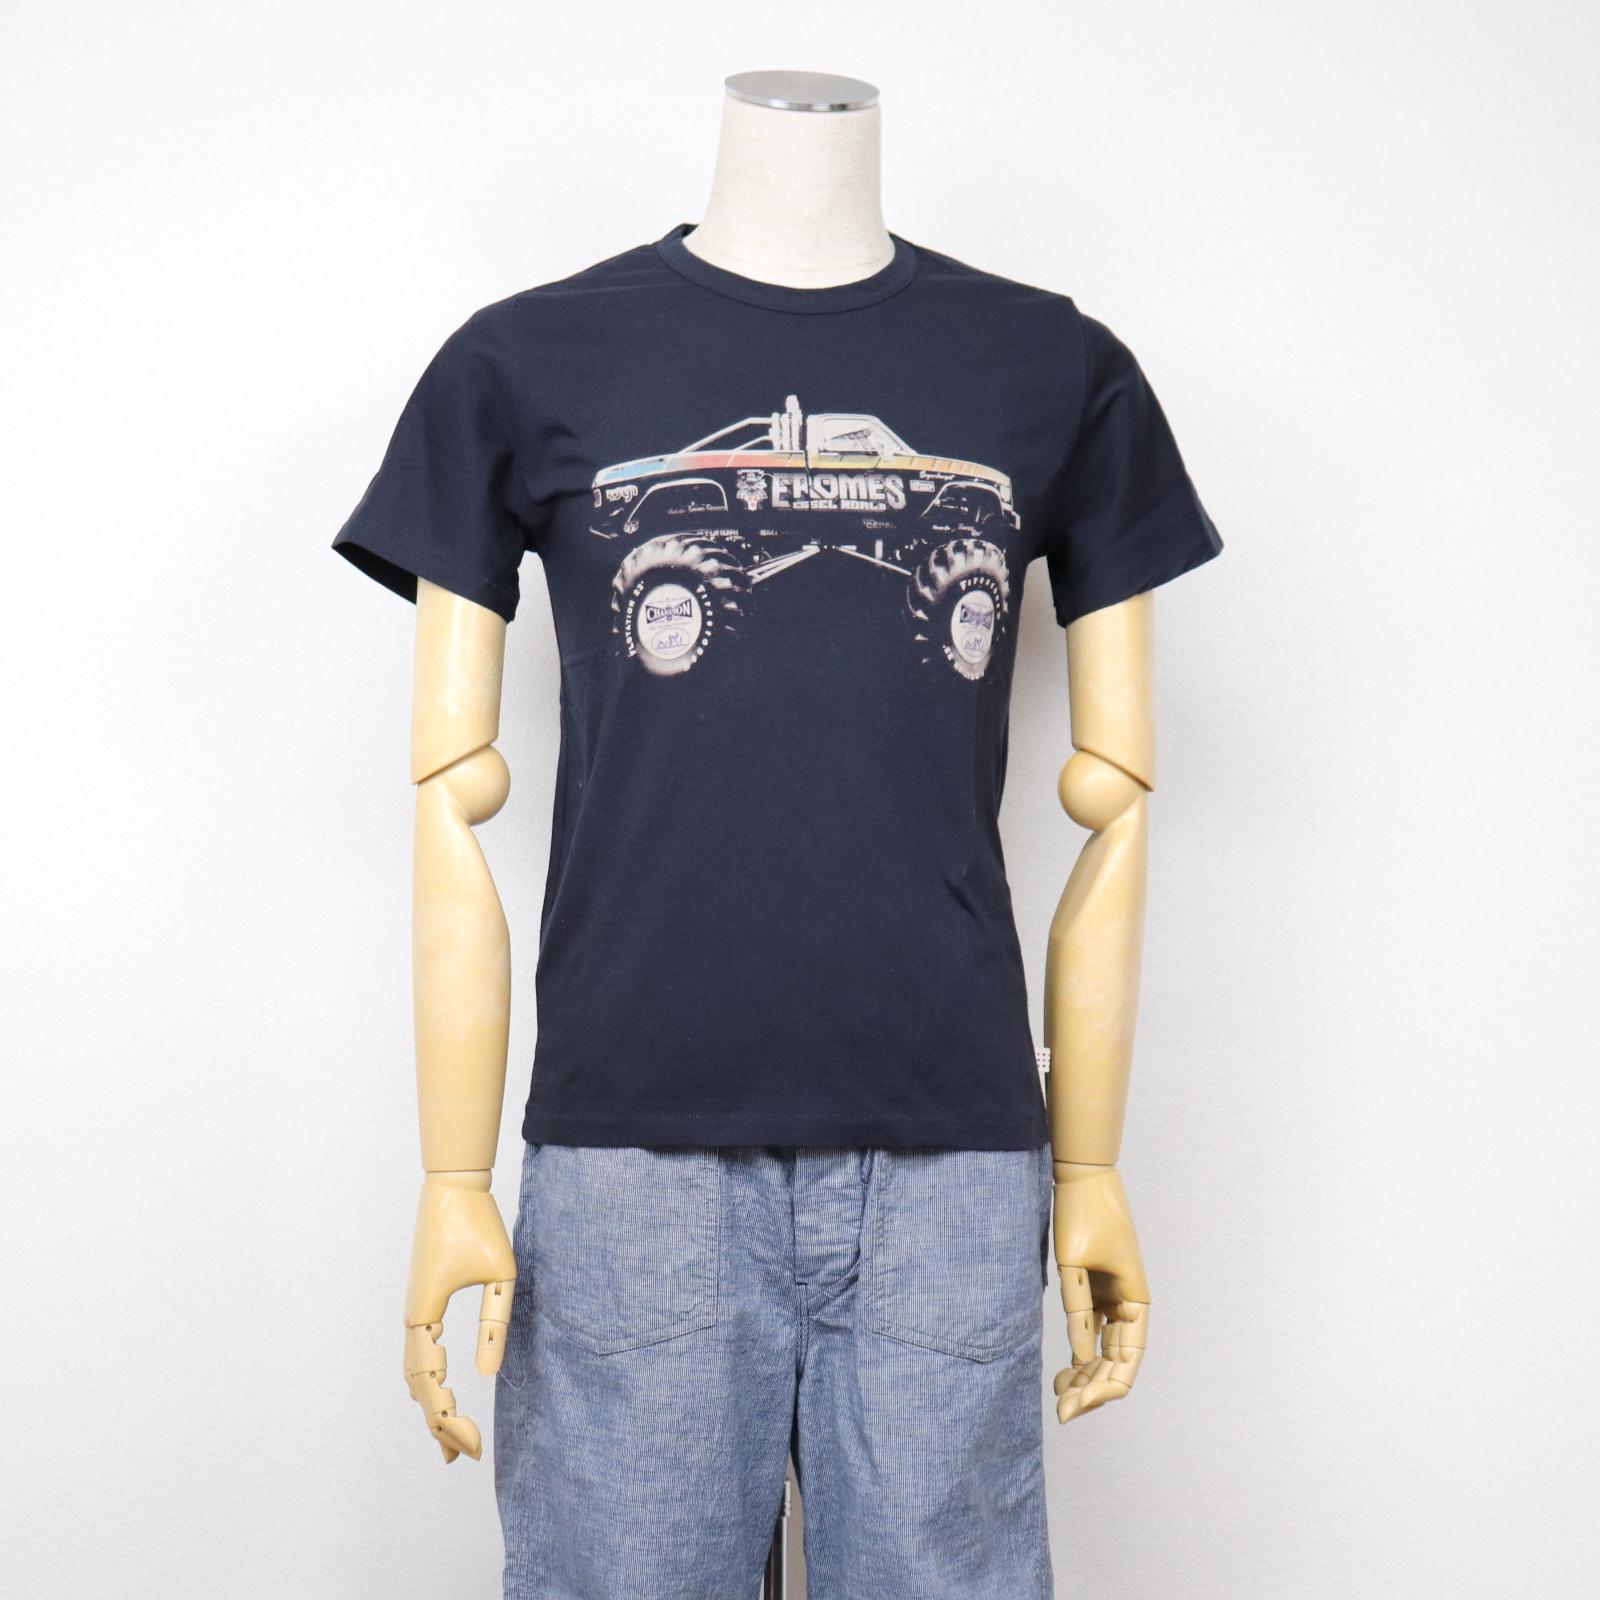 ドッツ ウェア デザイン/Dots wear design 4WDプリントTシャツ 70%OFF 価格4,950円(税込) 未使用